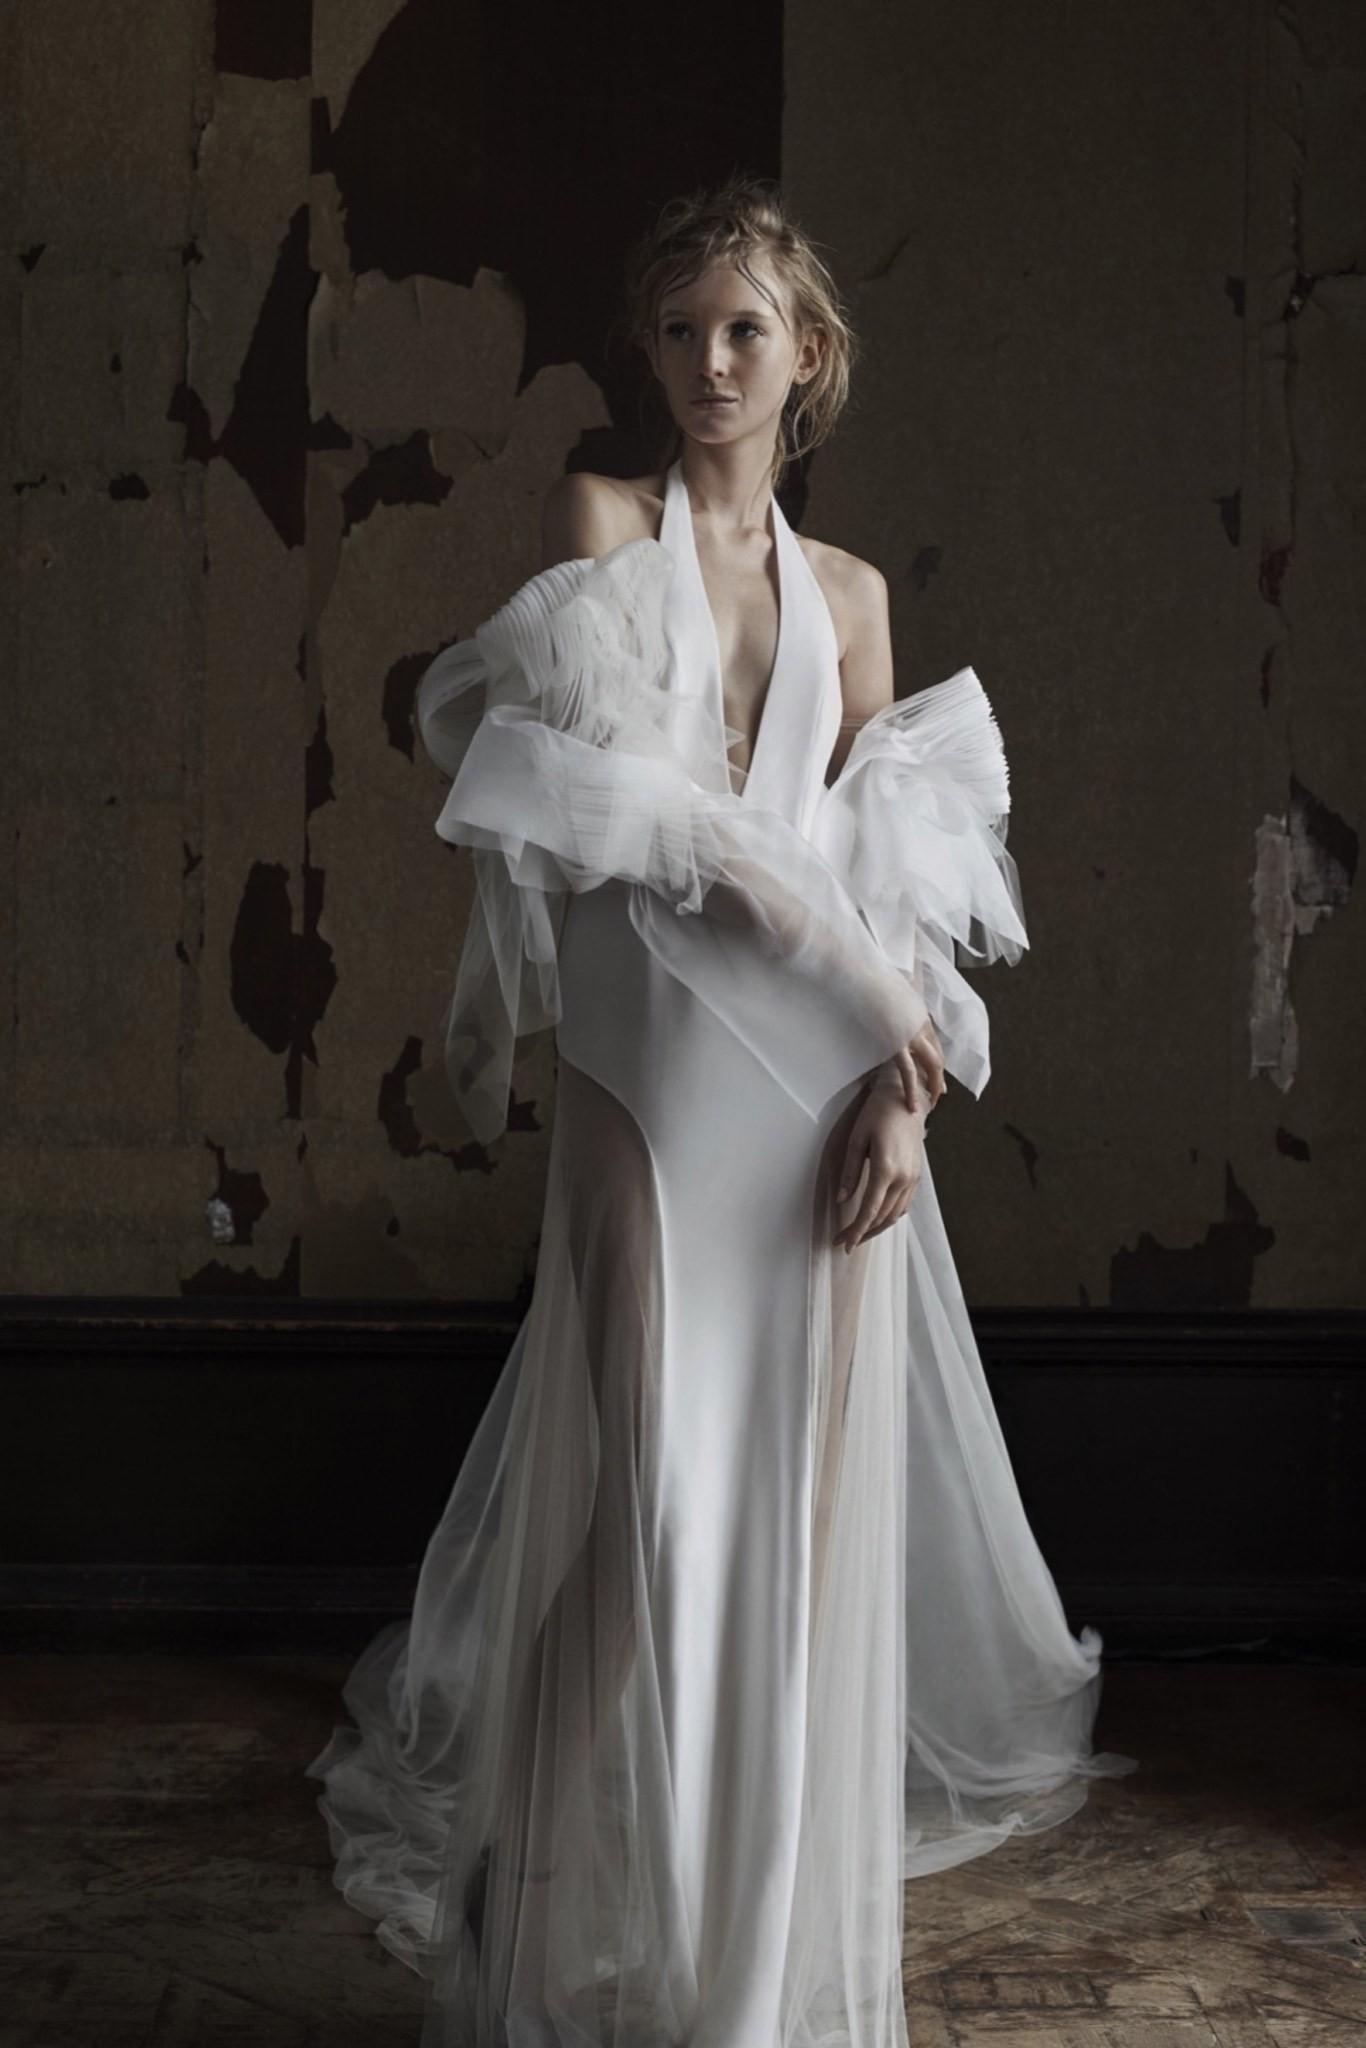 Коллекция свадебных платьев Vera Wang Spring/Summer 2018 года: платье белое с фатином